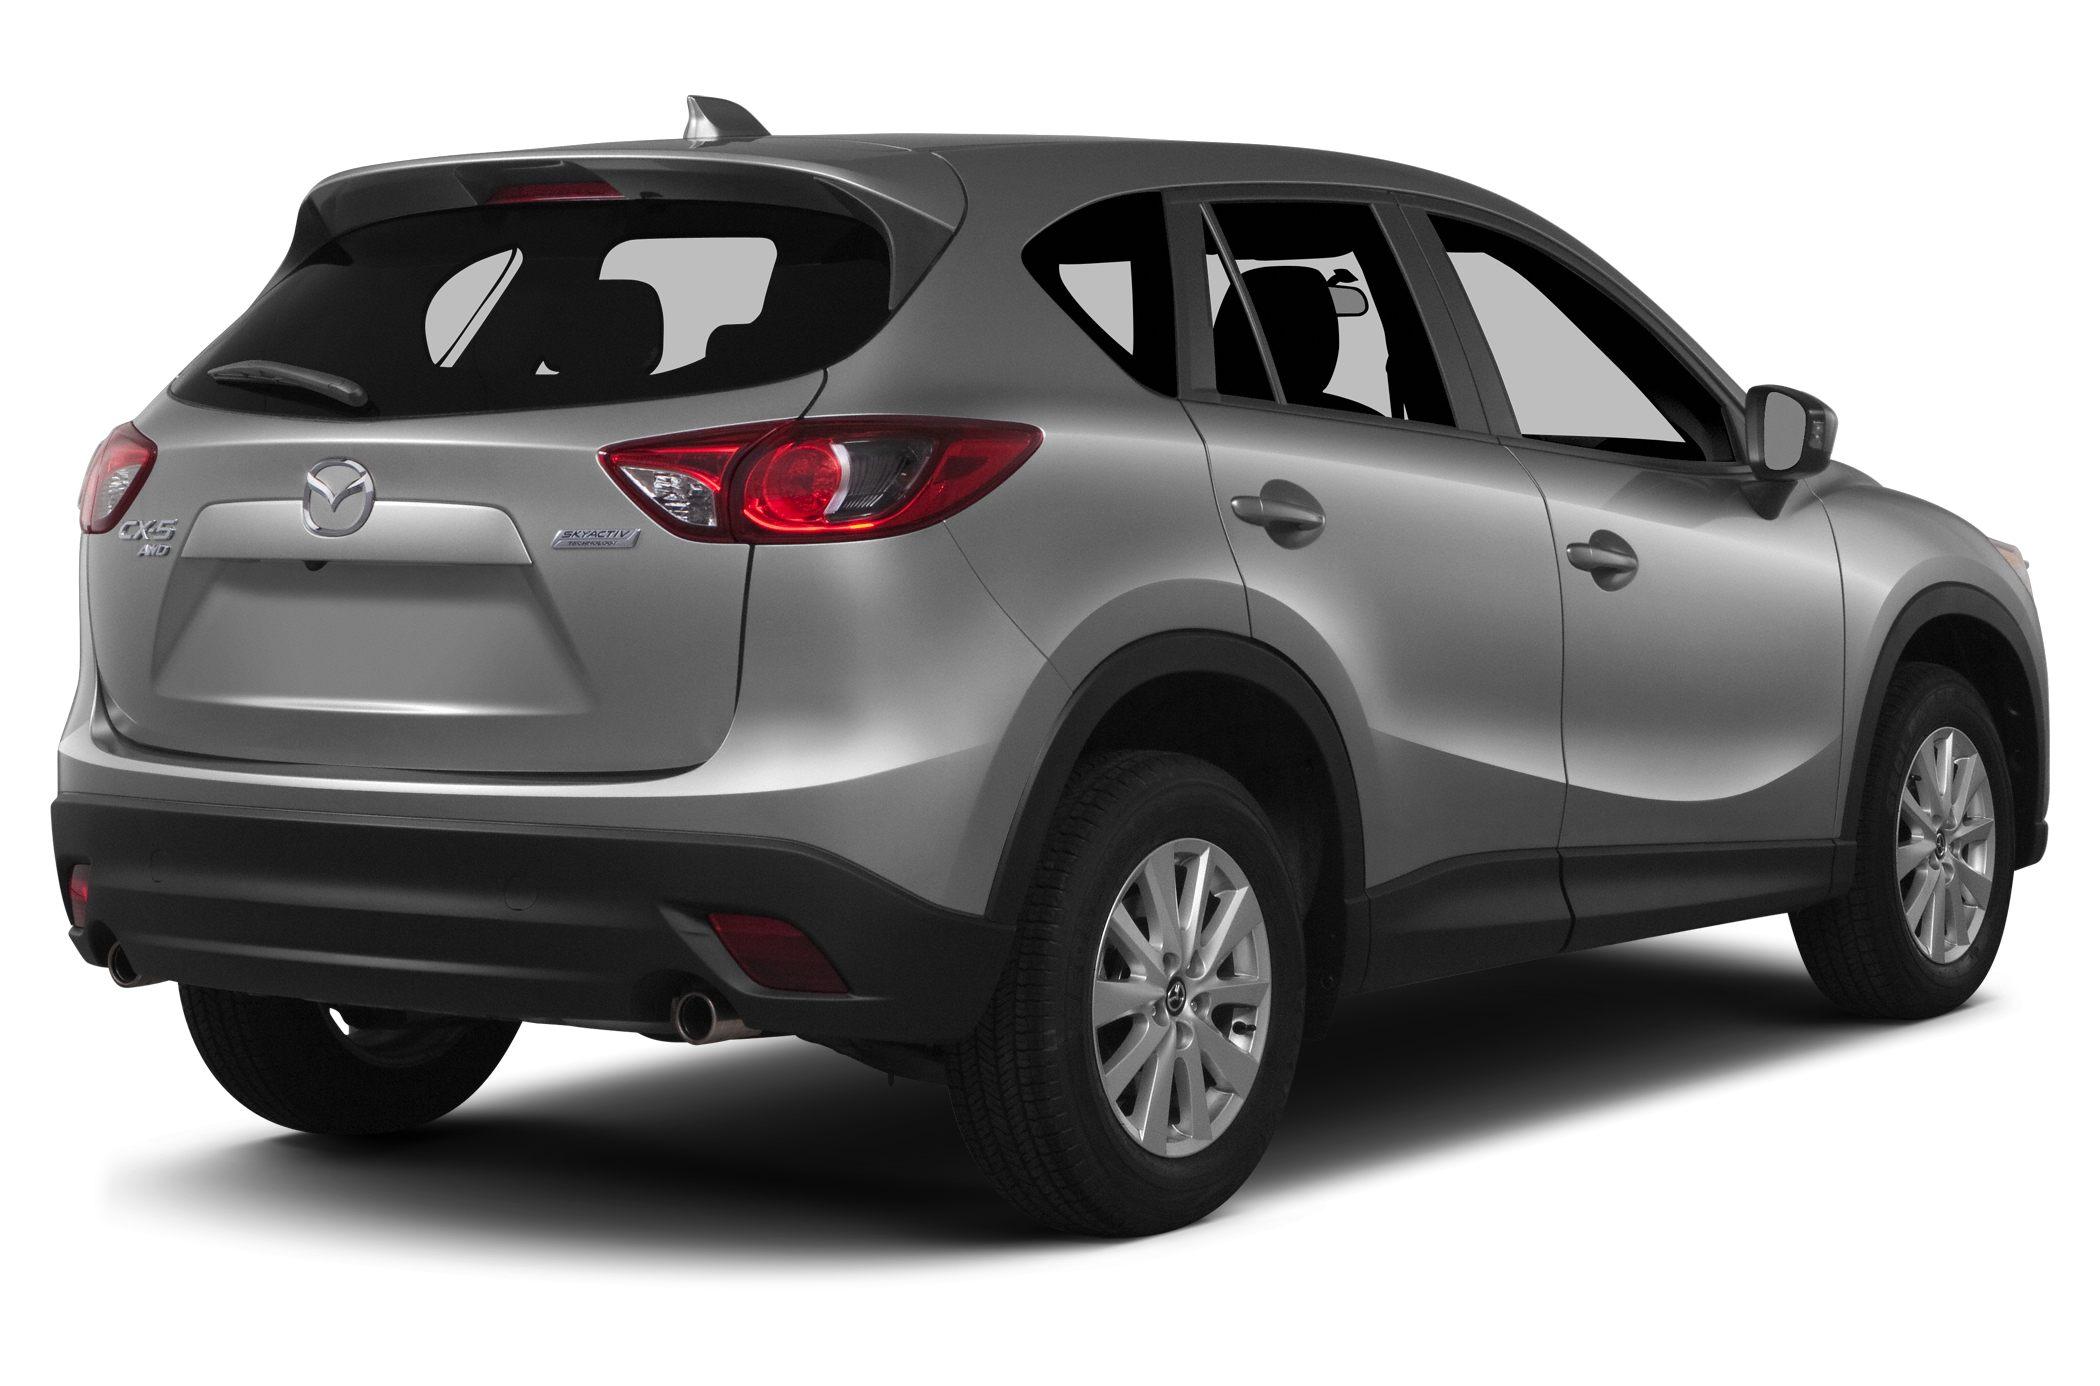 2015 Mazda CX-5 Rear